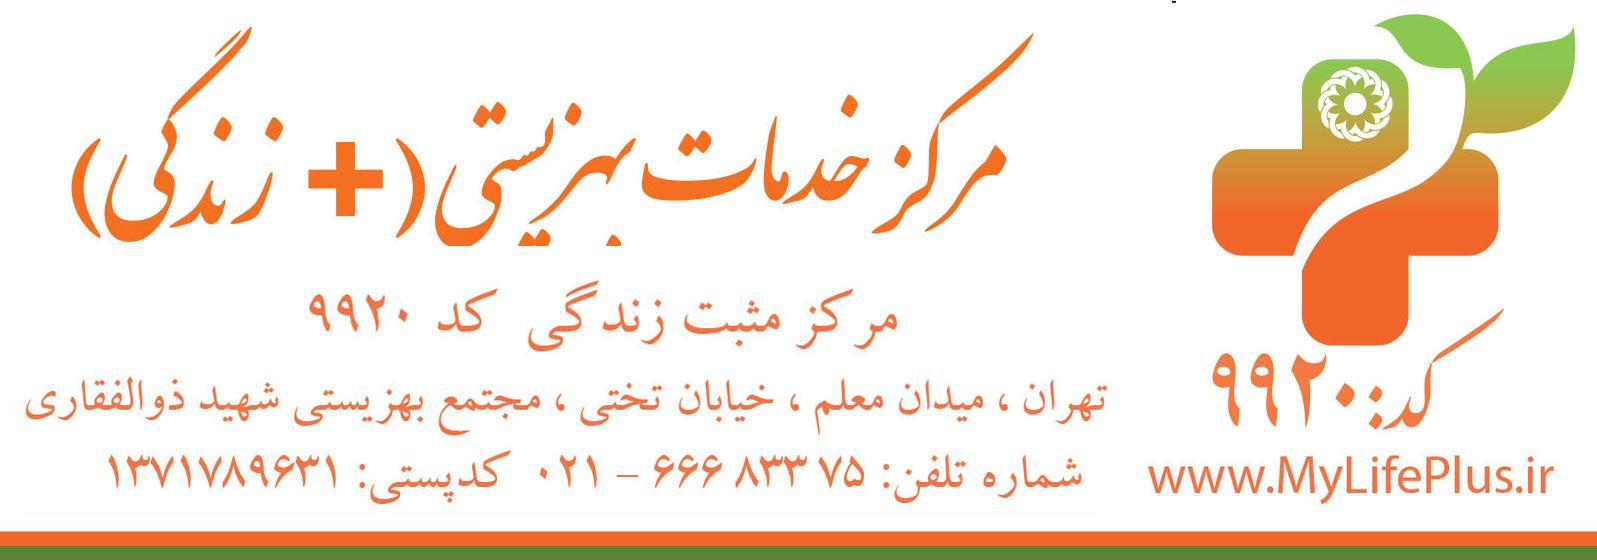 مرکز مثبت زندگی کد 9920 تهران، میدان معلم، خیابان تختی، پلاک 24، بهزیستی ذوالفقاری شماره تلفن: 75 833 666 - 021 کدپستی: 1371798868 www.MyLifePlus.ir